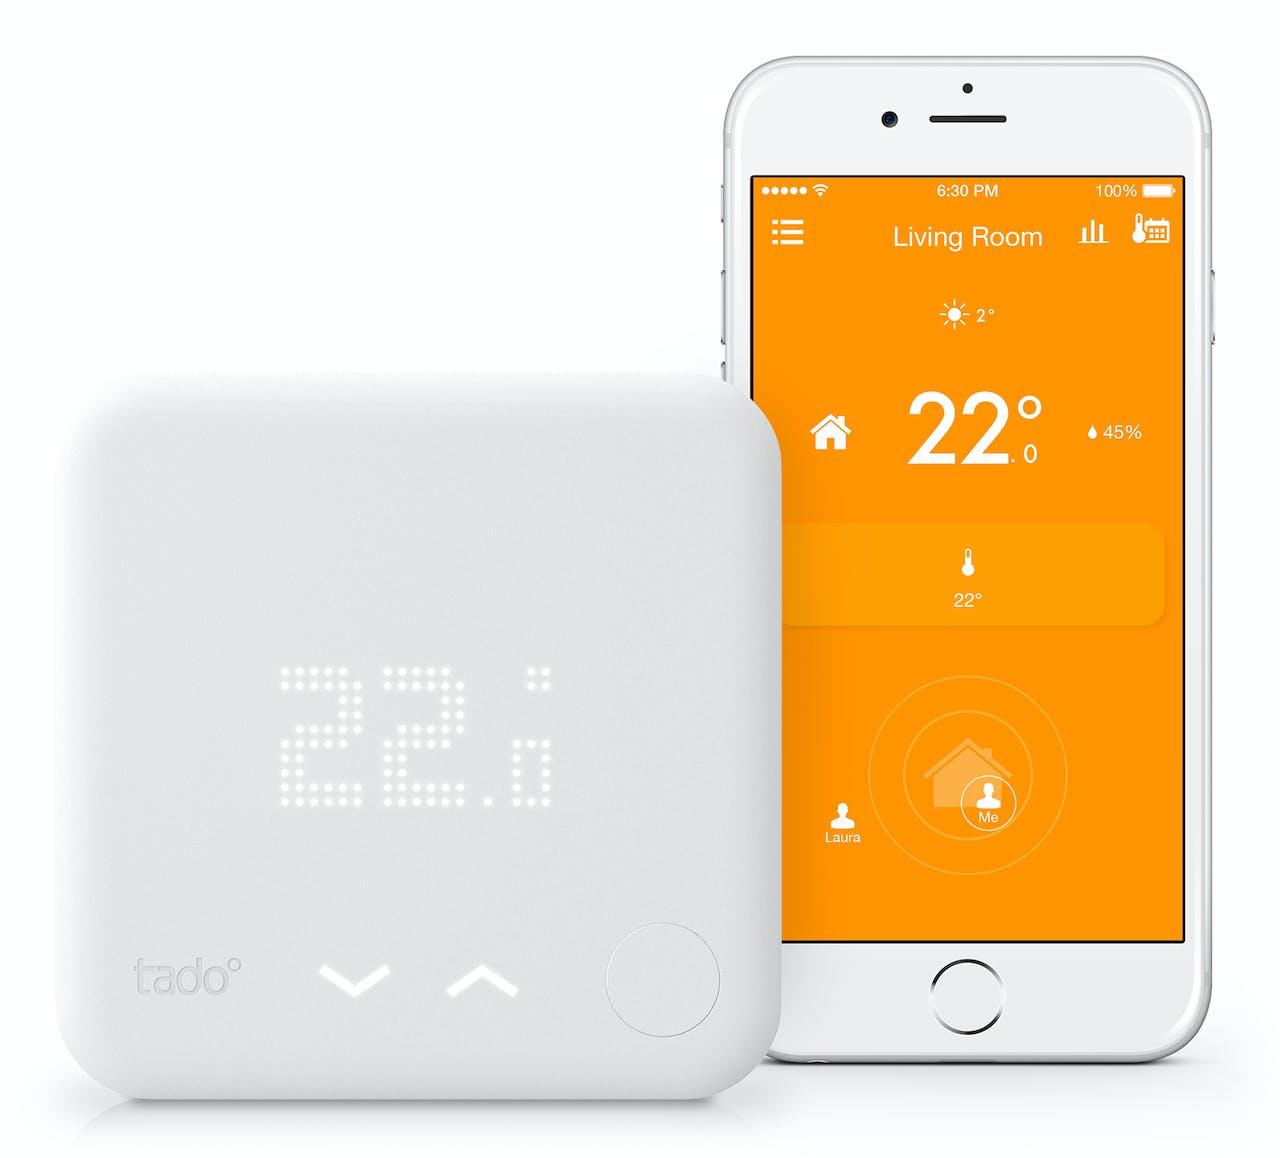 Links de daadwerkelijke thermostaat, rechts een weergave van de bijbehorende app